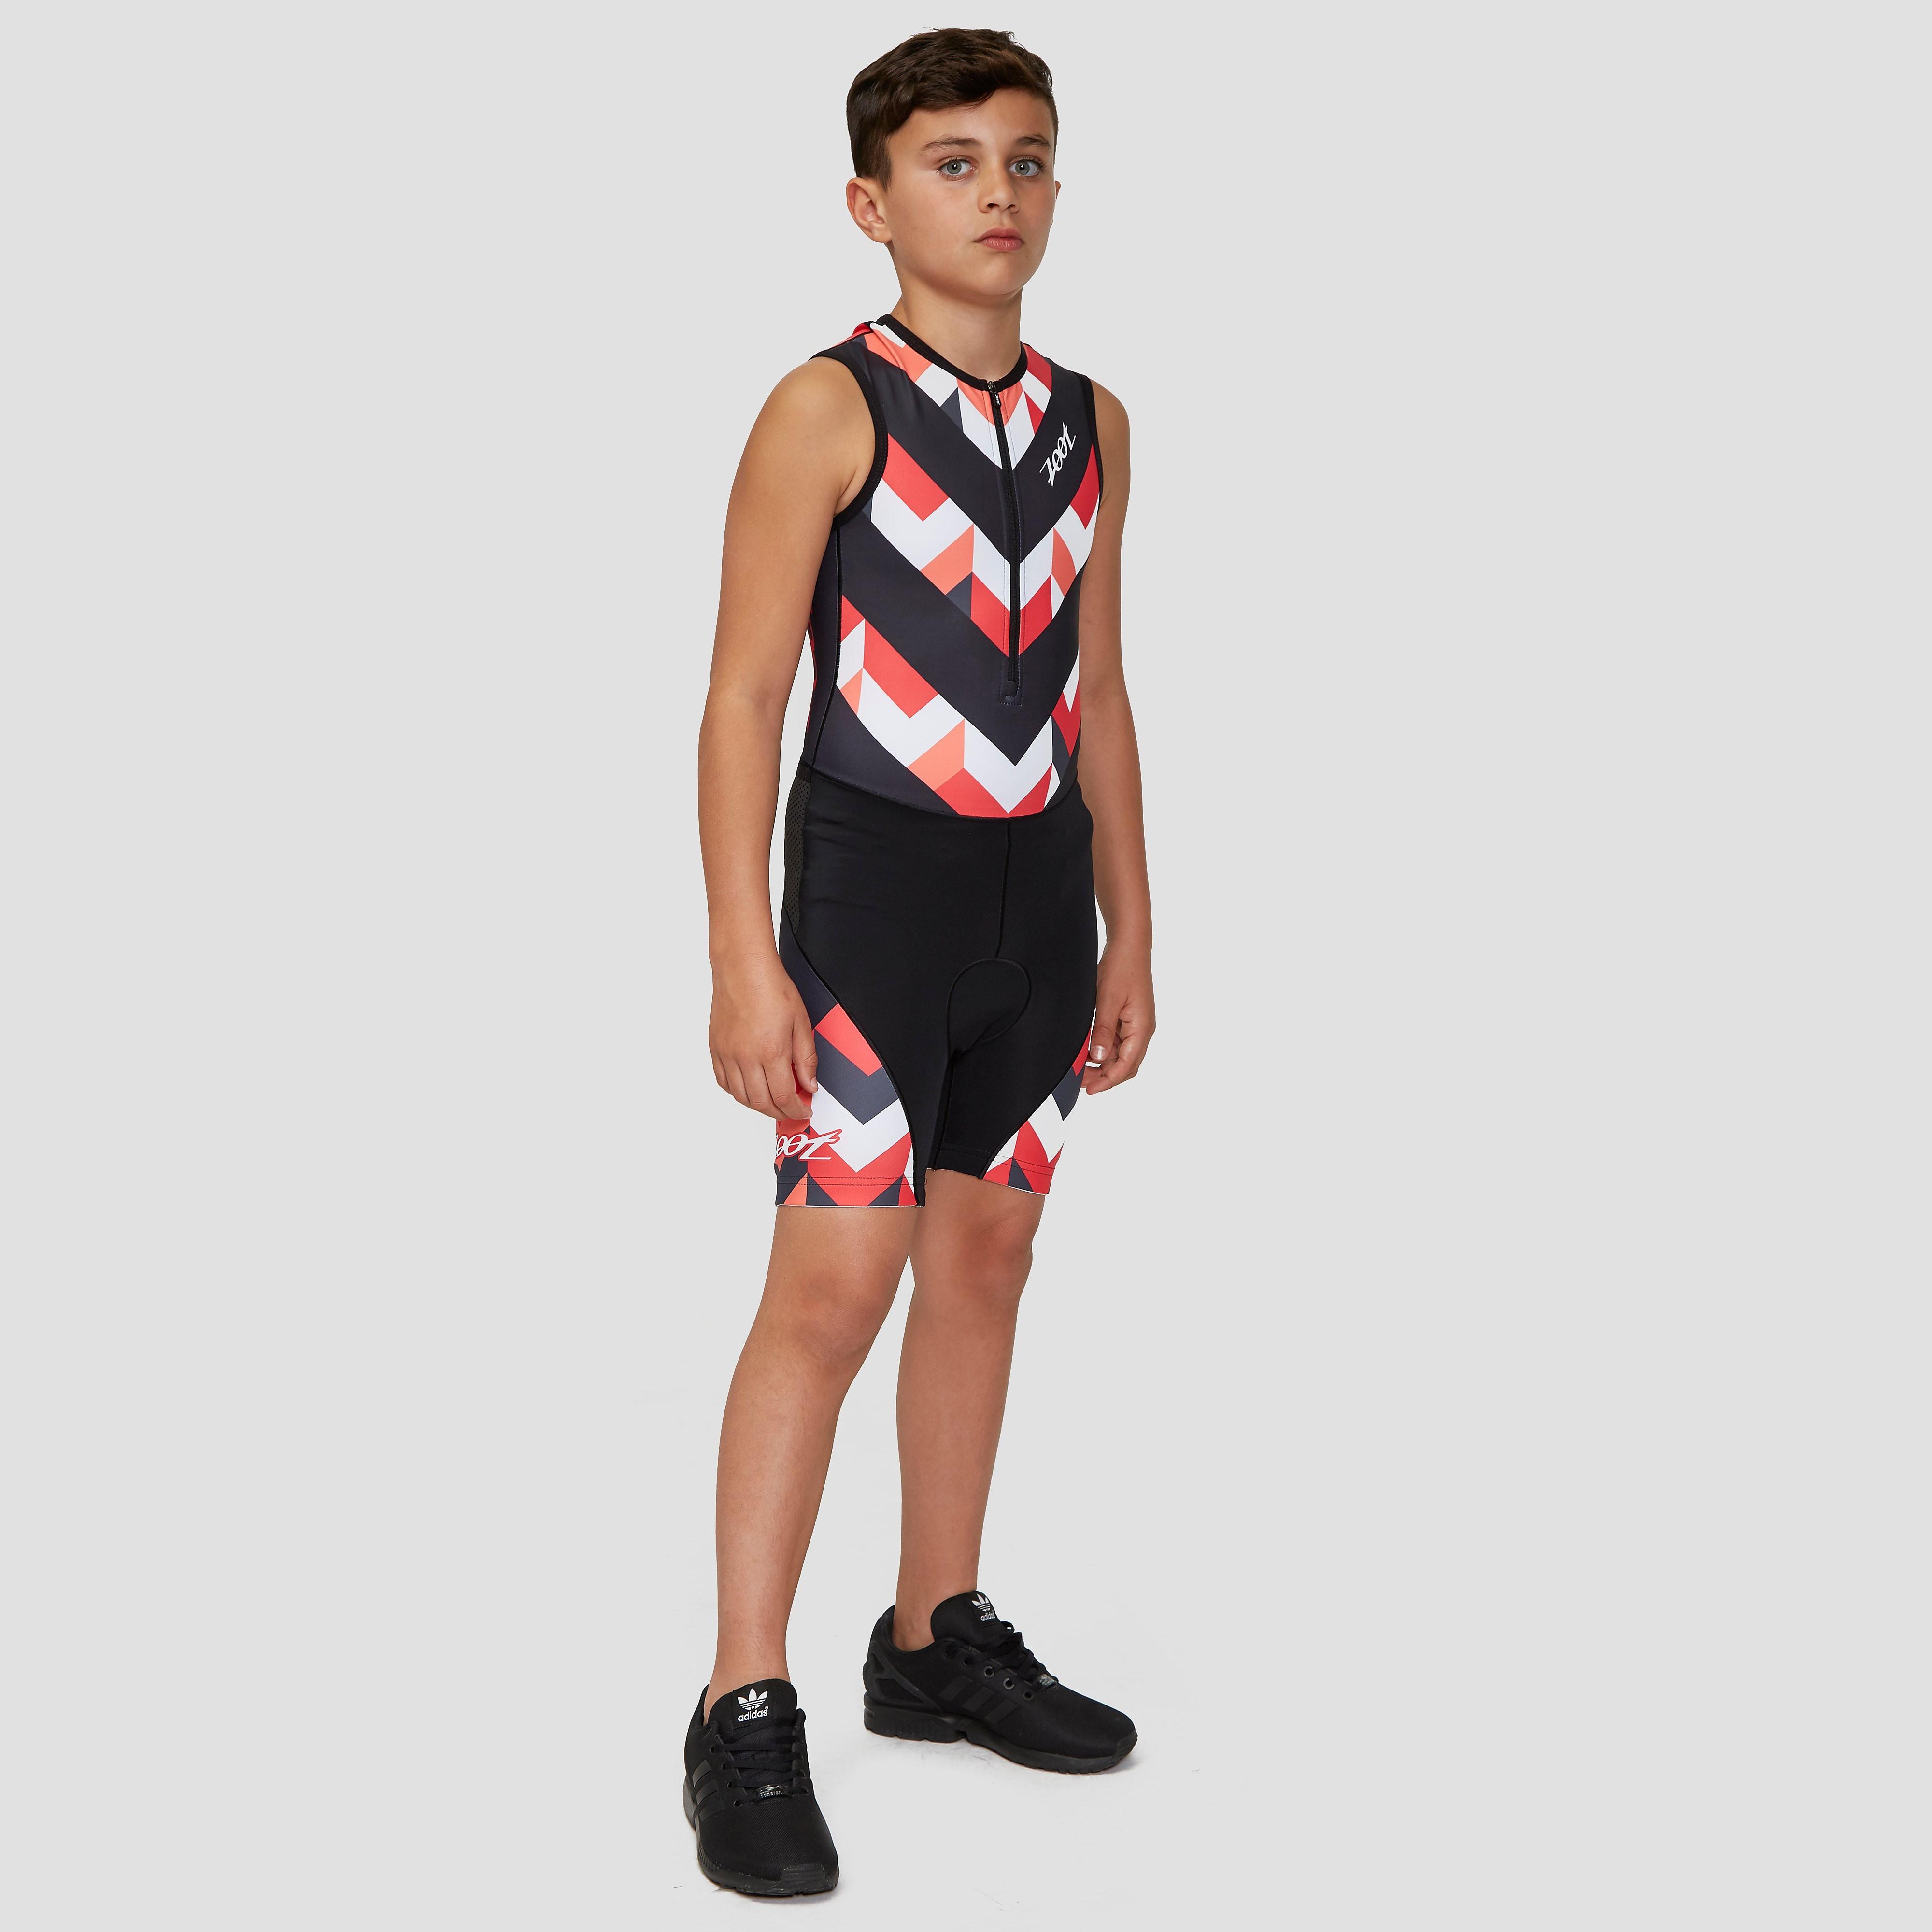 Zoot Protege Junior Tri Suit